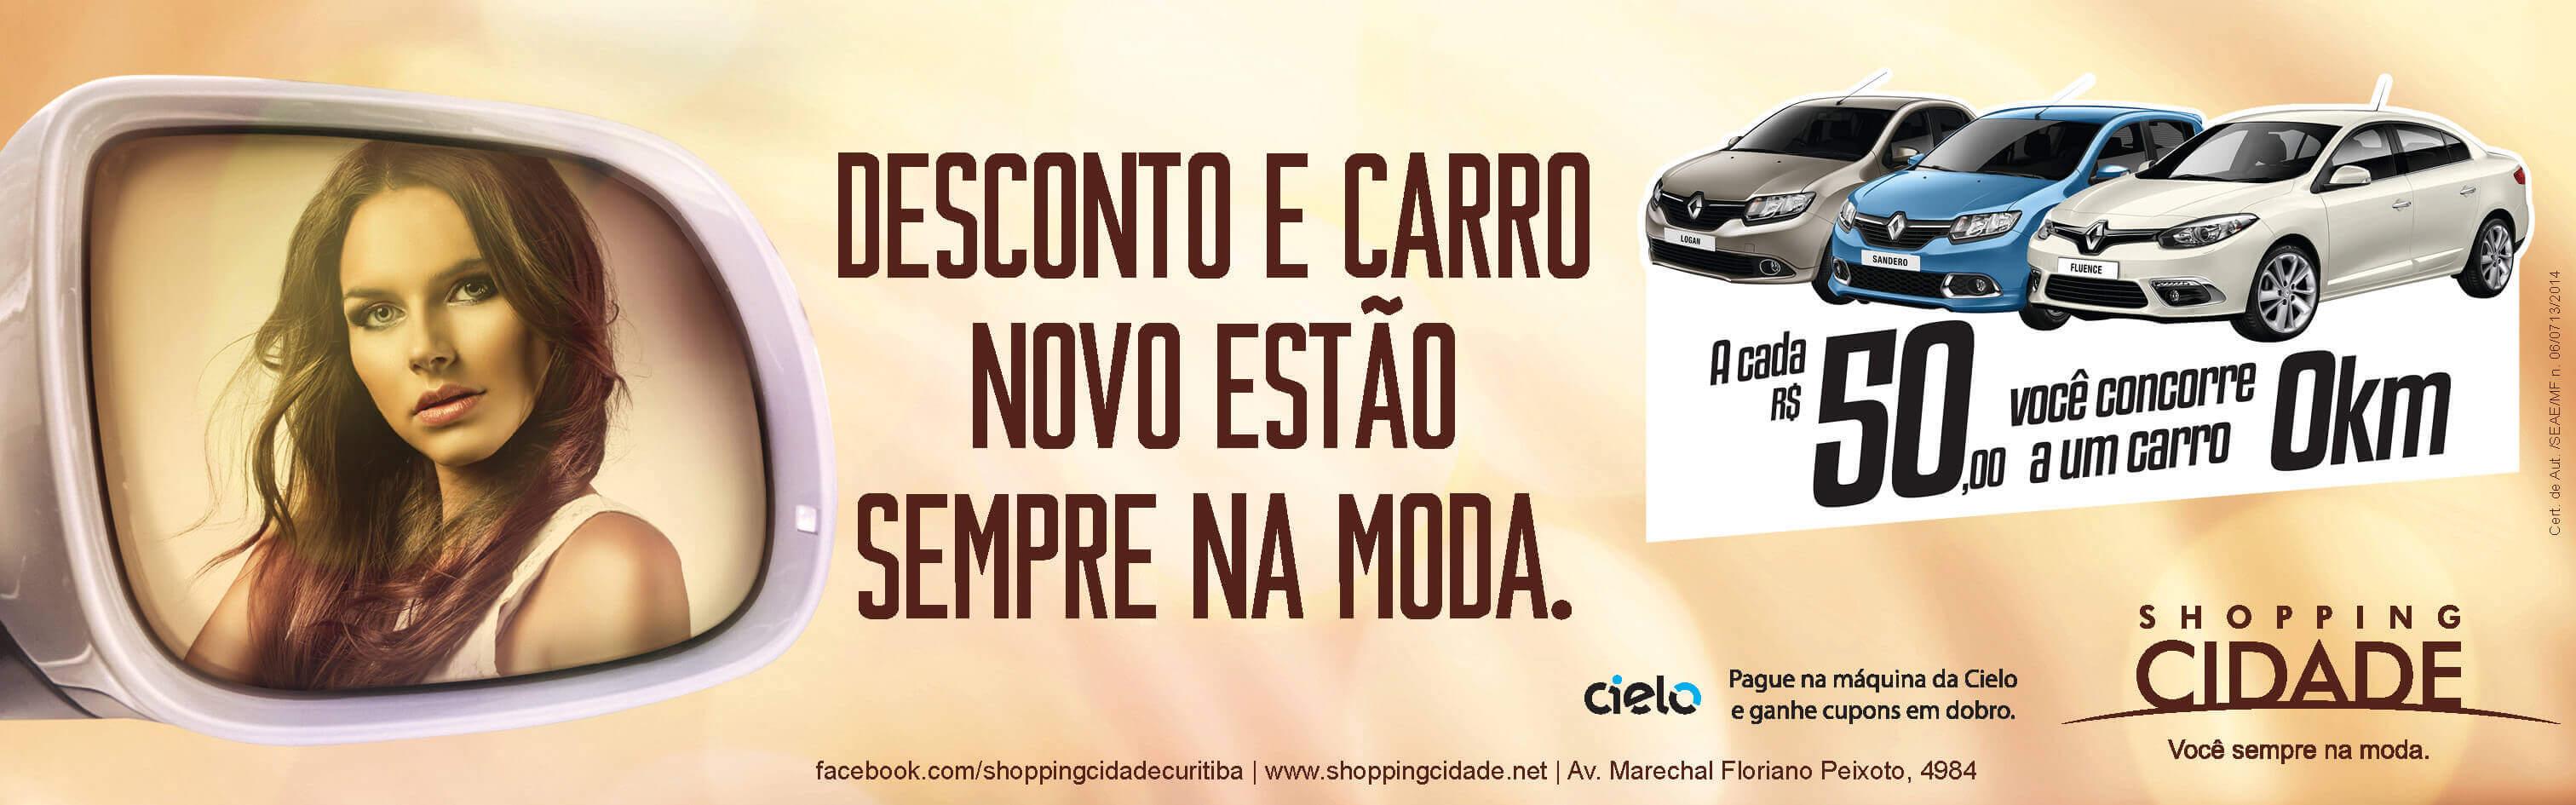 campanha 2015 shopping cidade curitiba